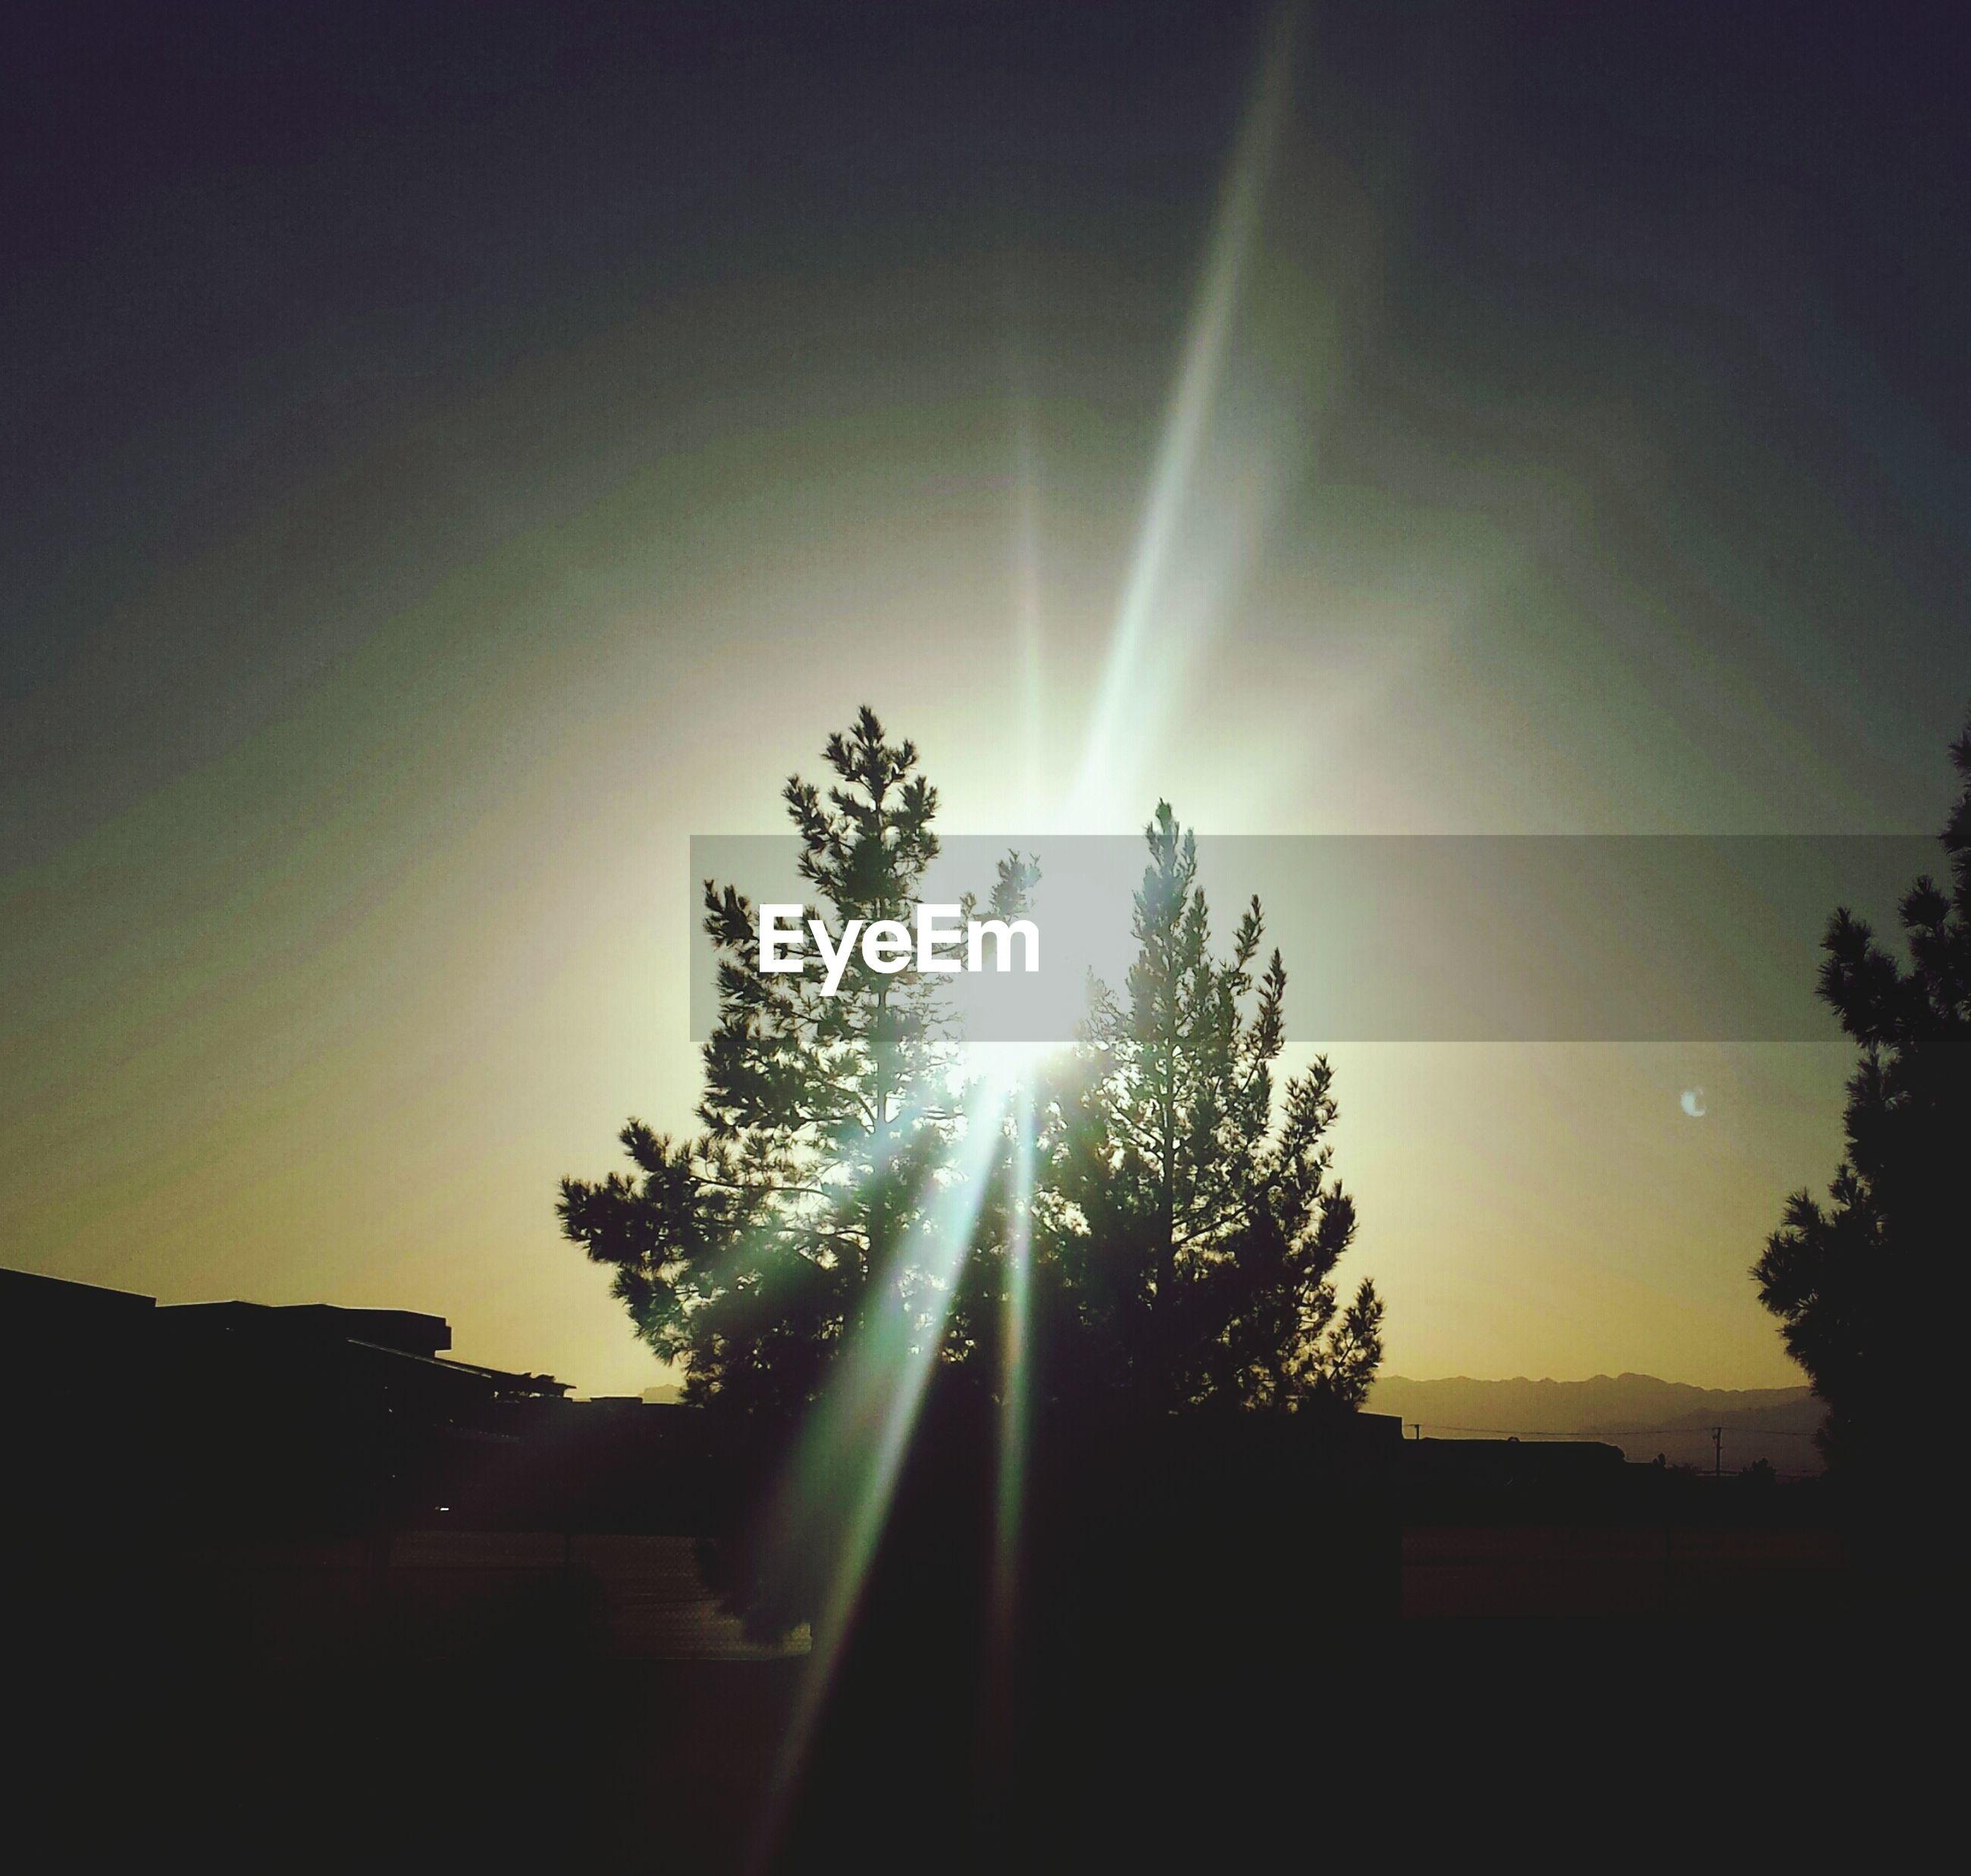 Sunbeam emitting amidst trees against sky